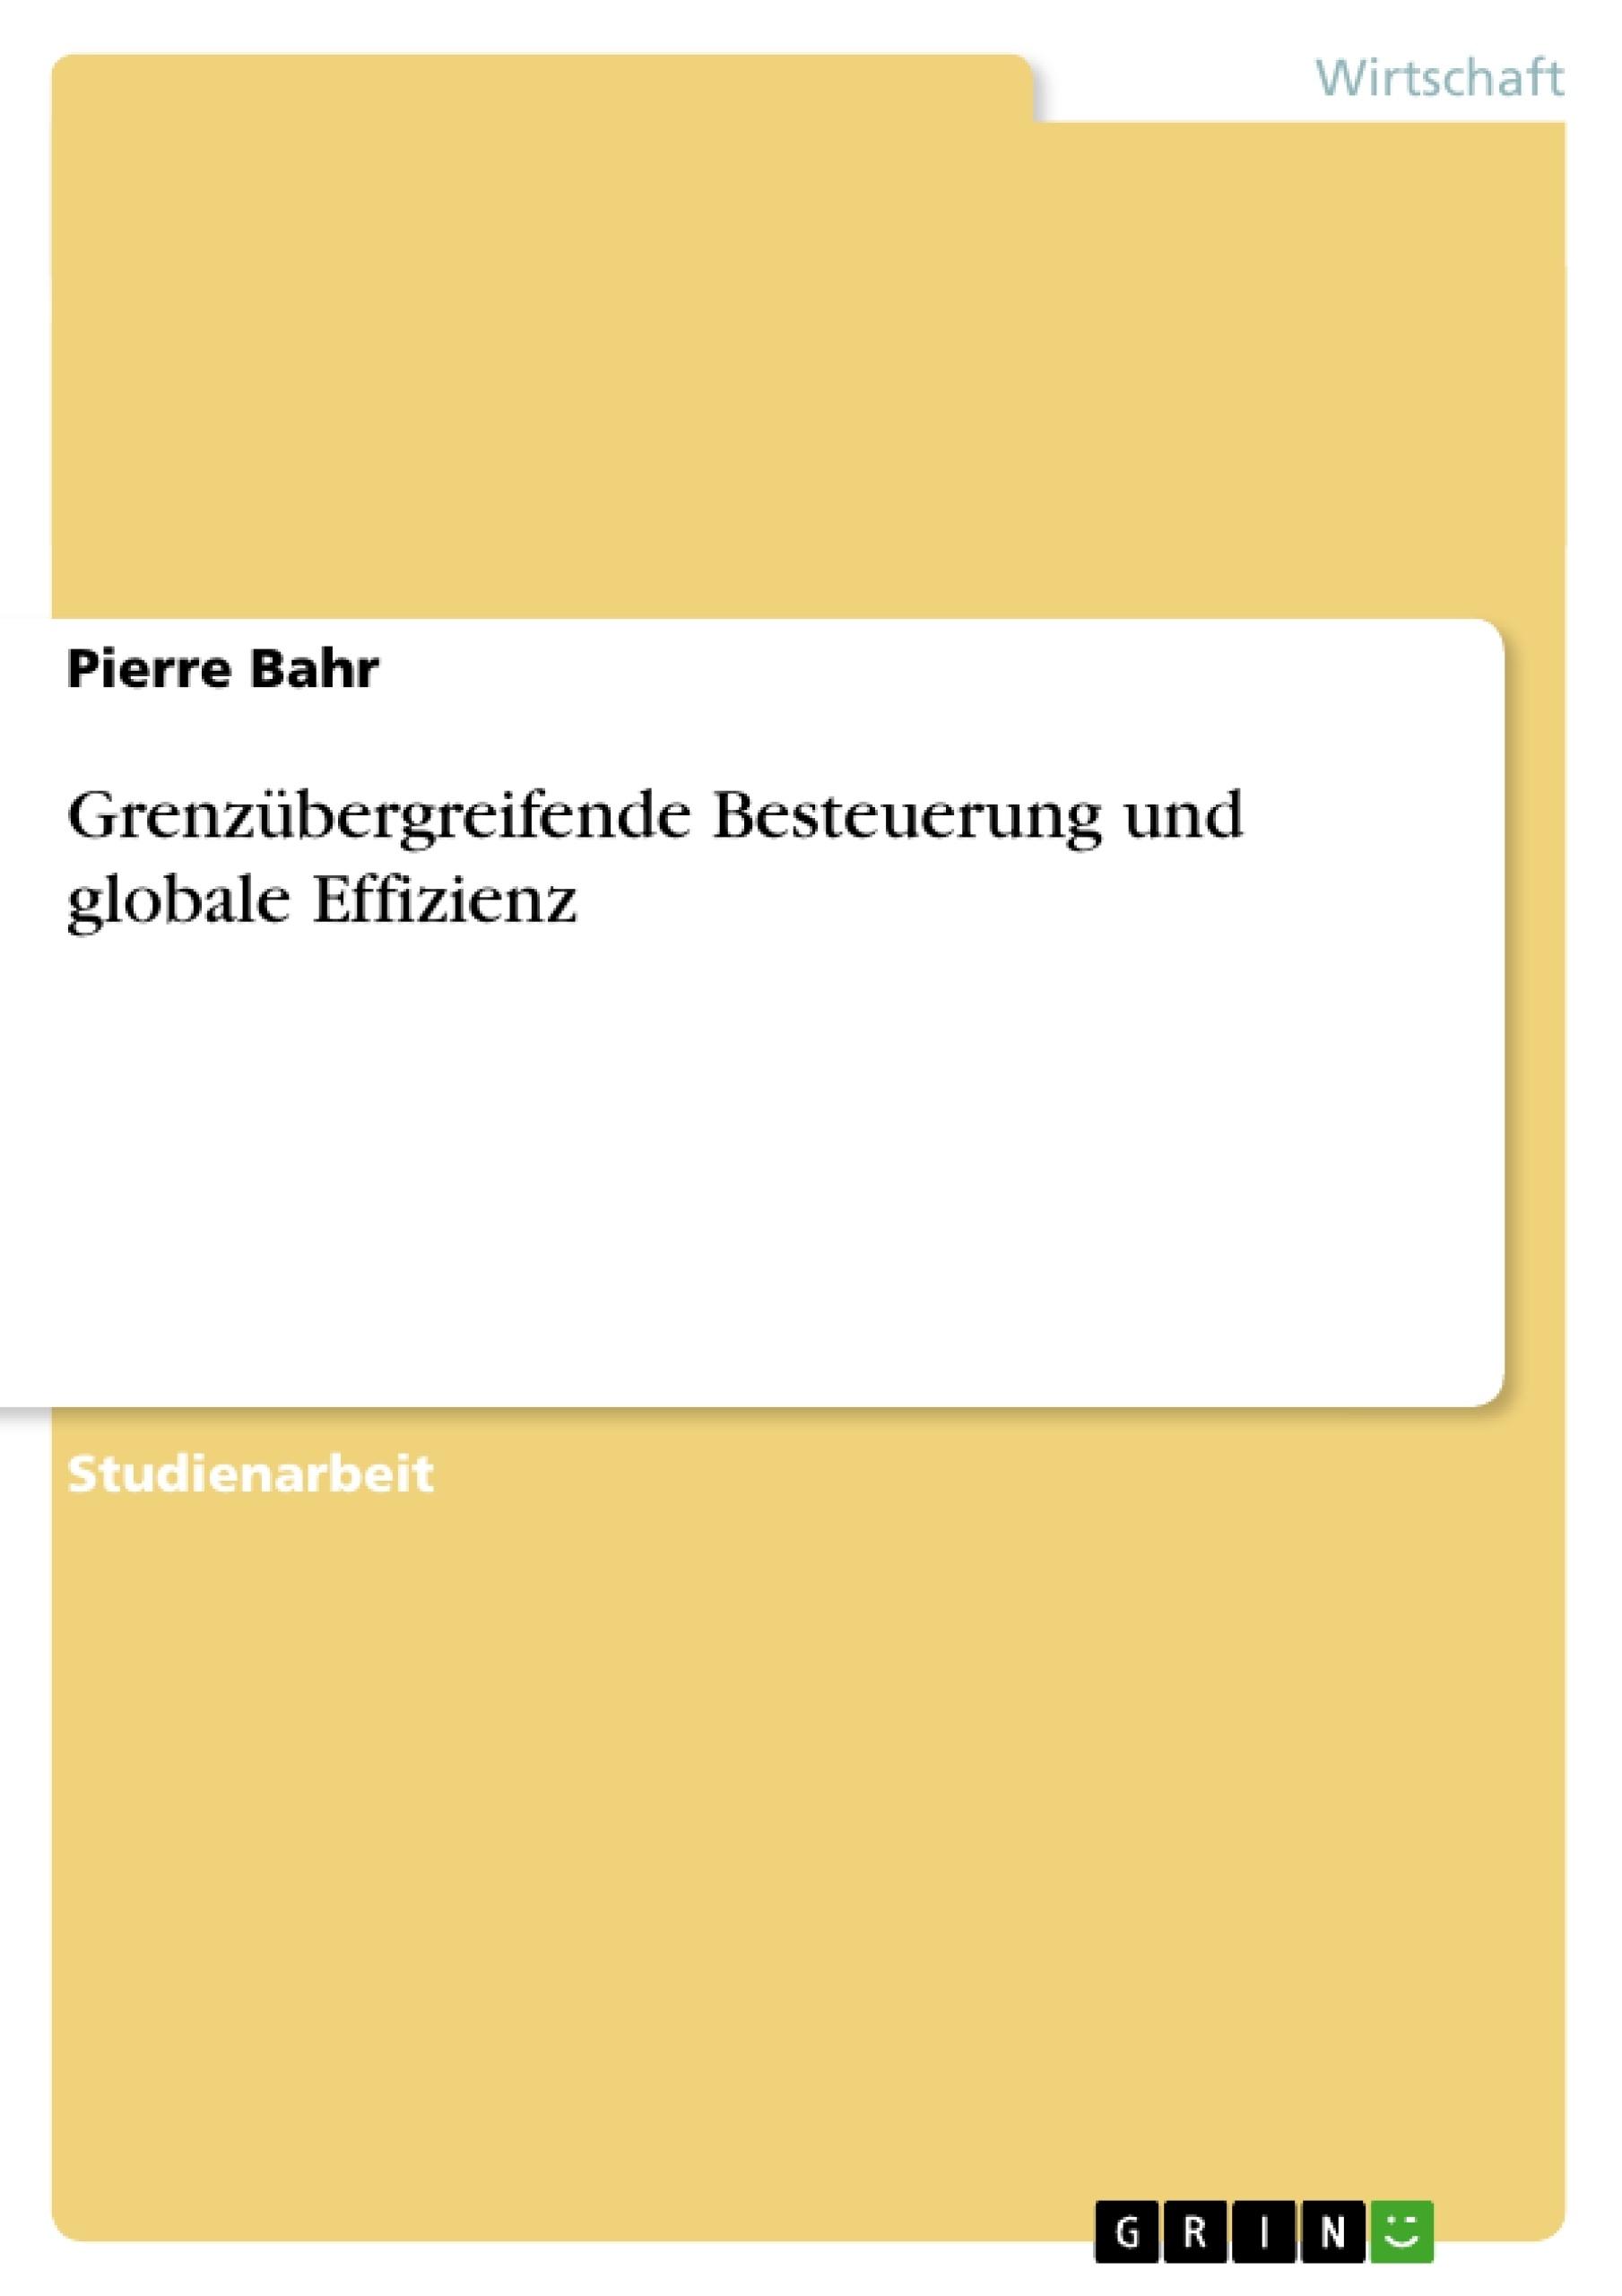 Titel: Grenzübergreifende Besteuerung und globale Effizienz